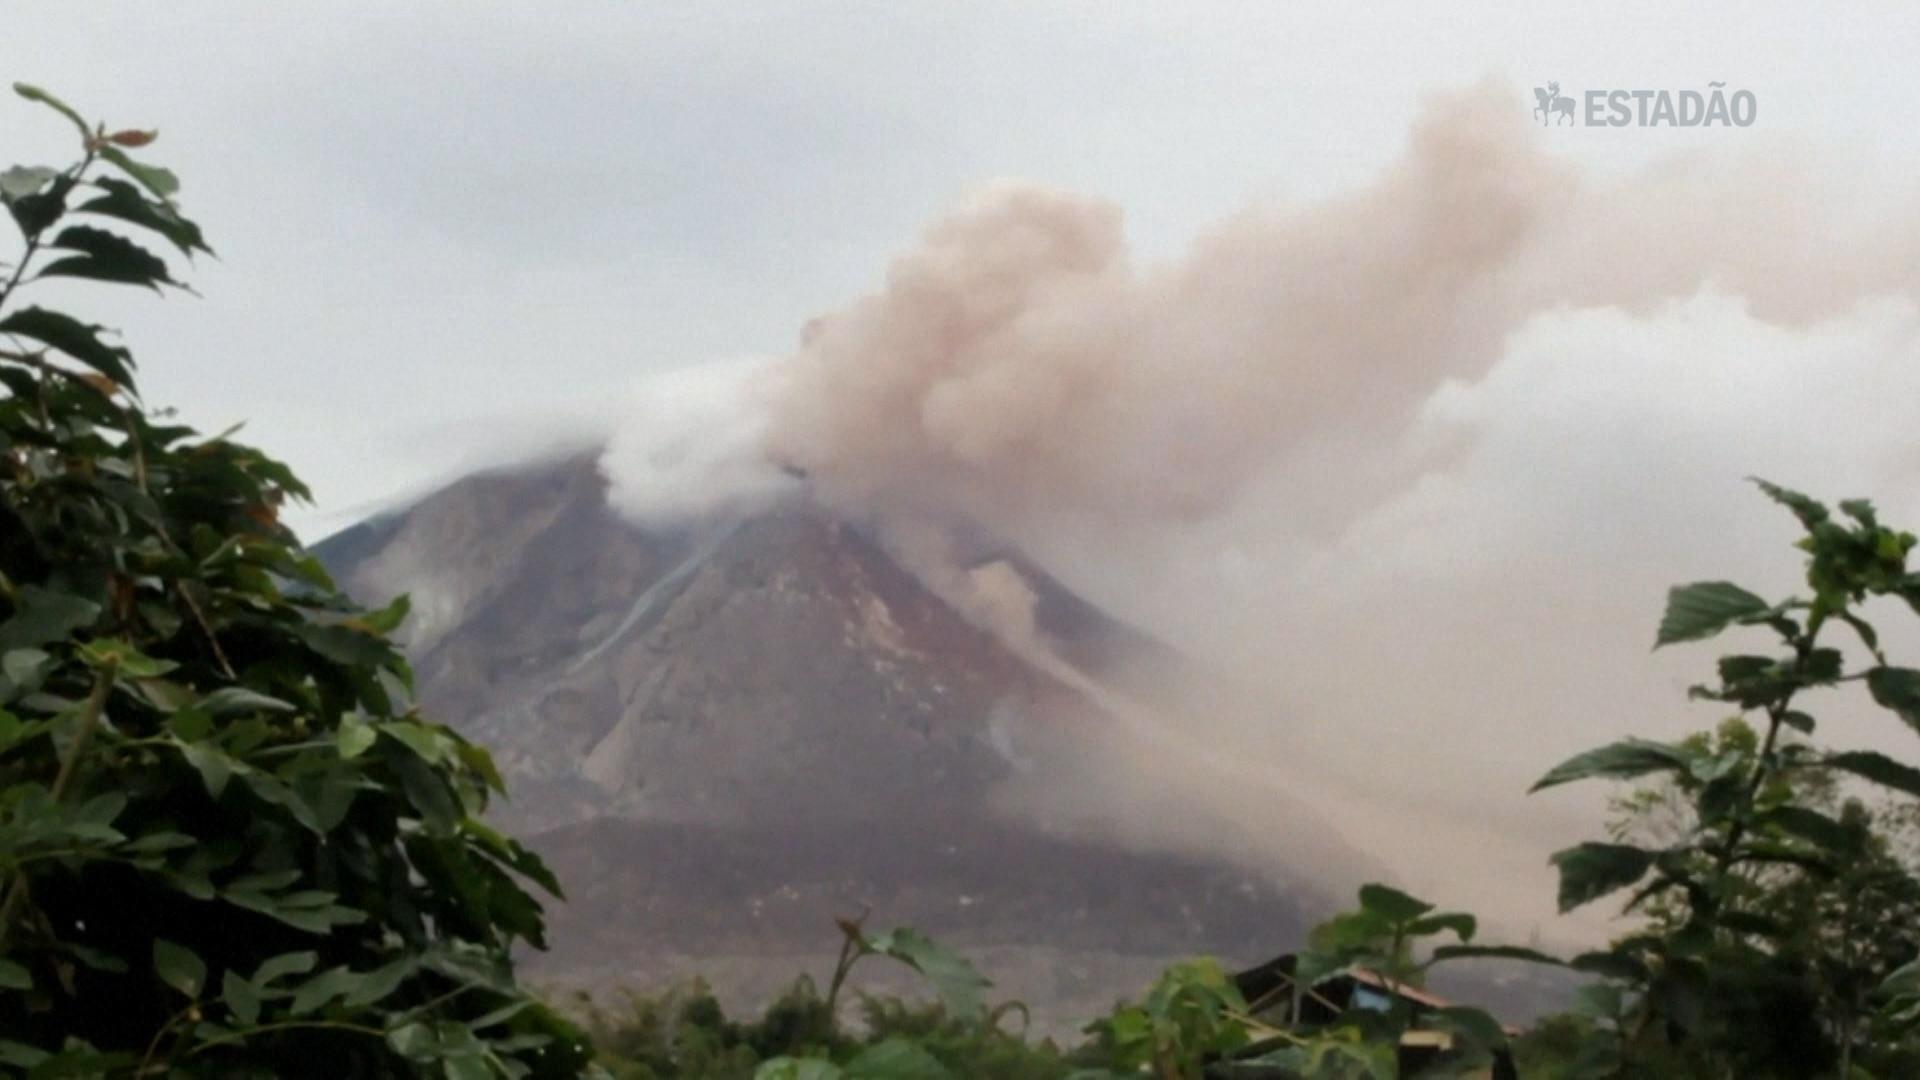 Vulcão entra em erupção após 400 anos